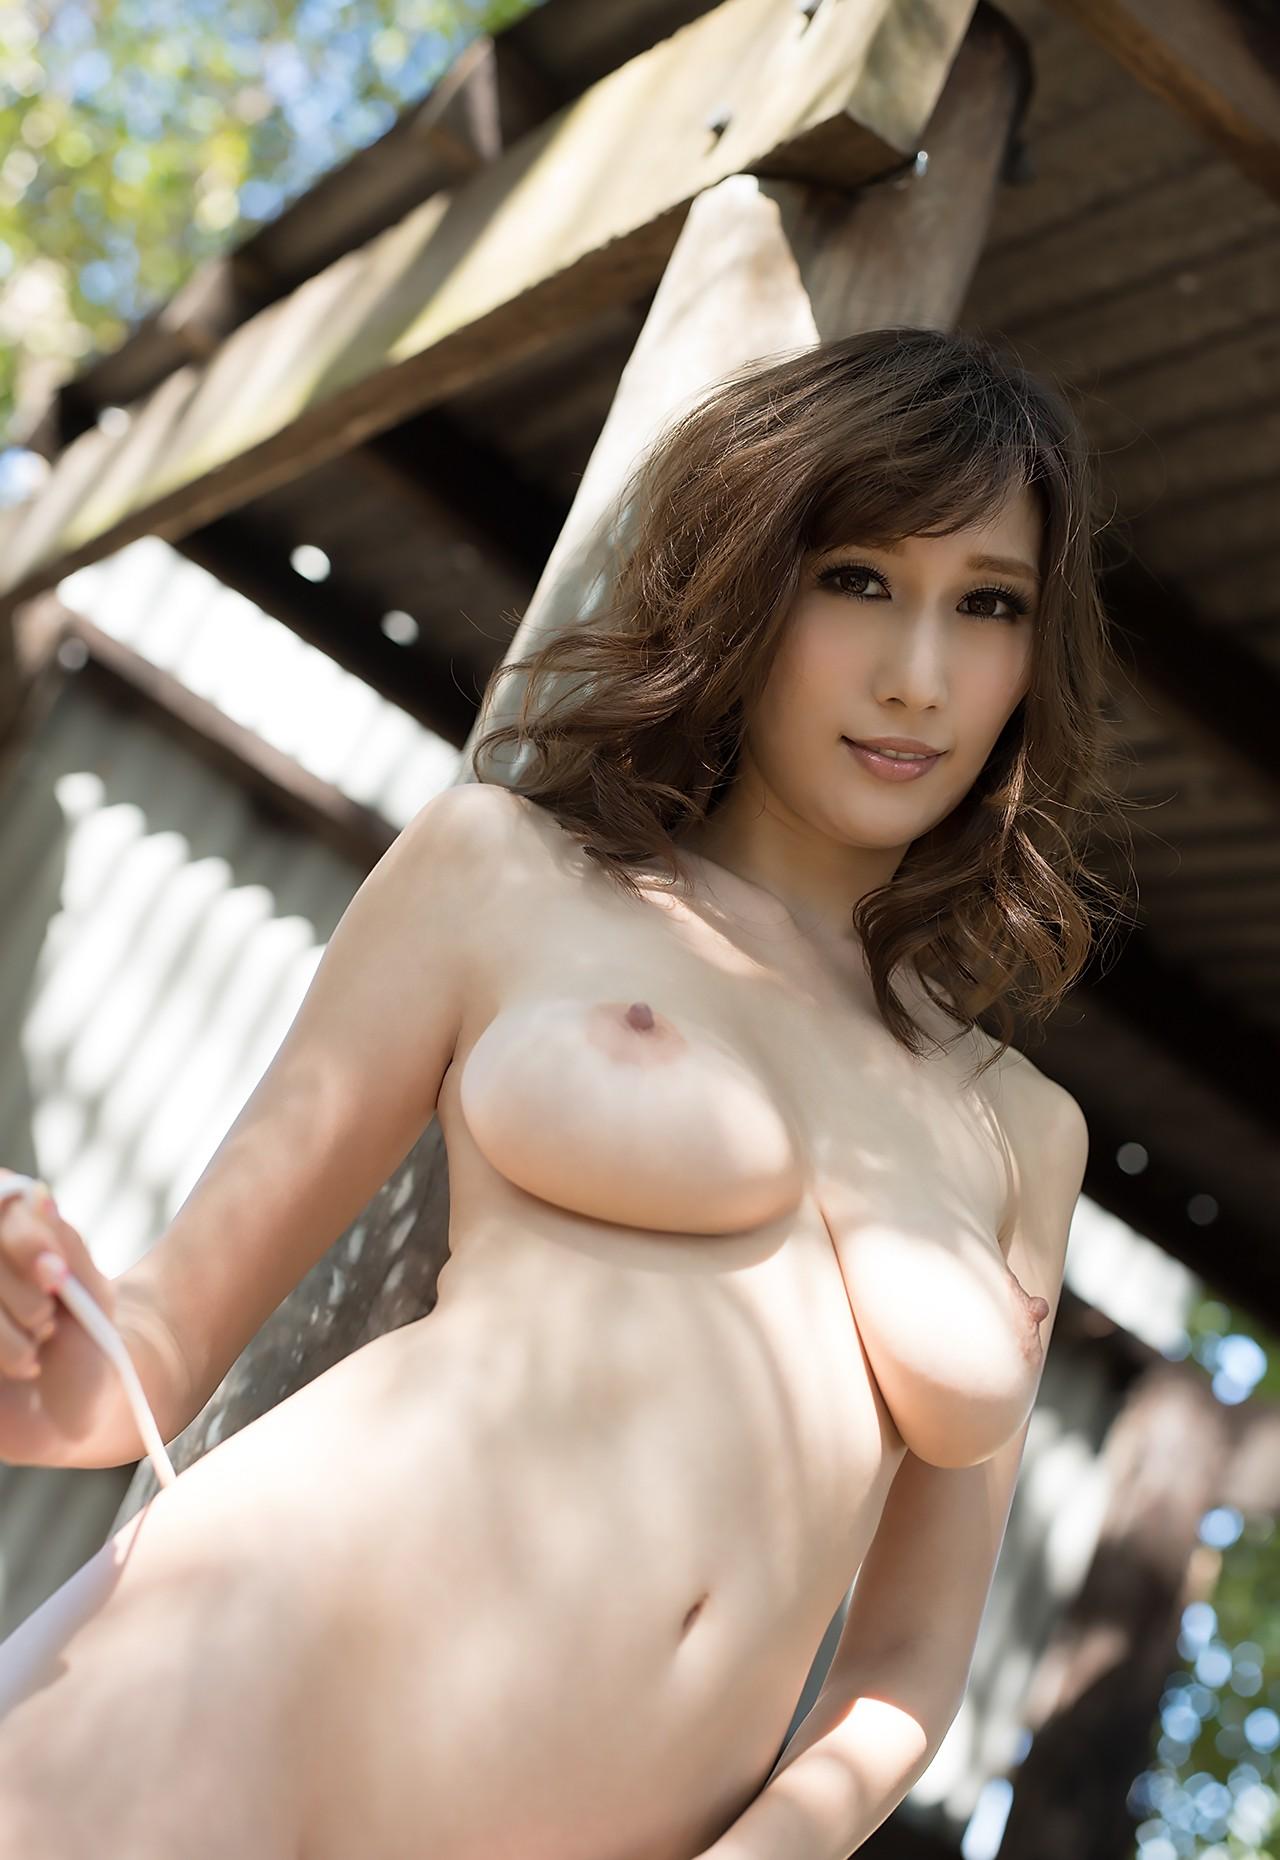 三次元 3次元 エロ画像 AV女優 JULIA ヌード べっぴん娘通信 034